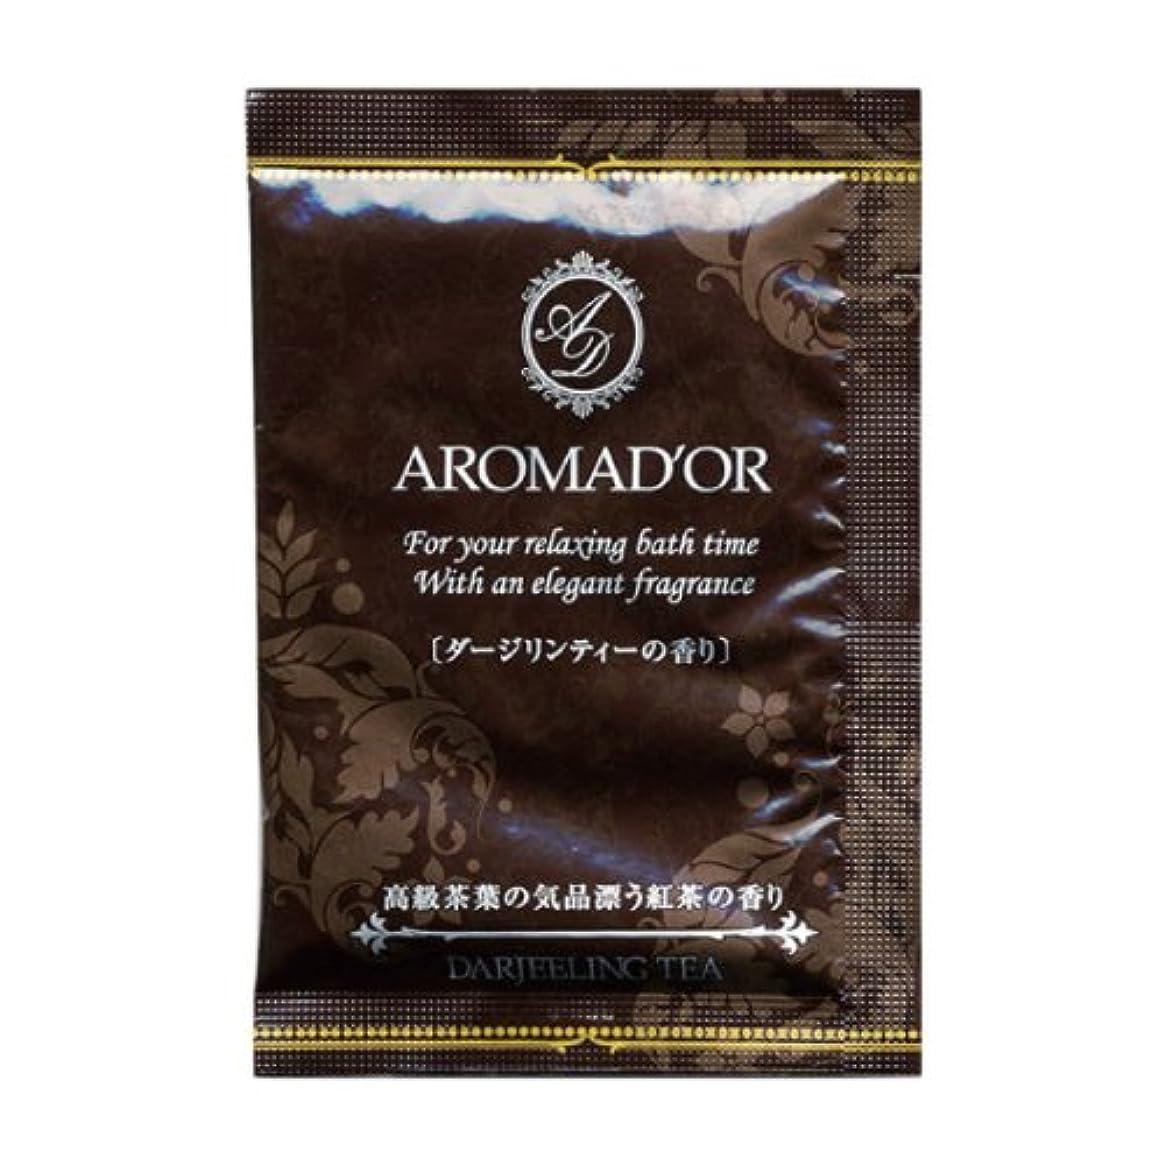 ビリー前文透過性アロマドール入浴剤 ダージリンティーの香り 12包